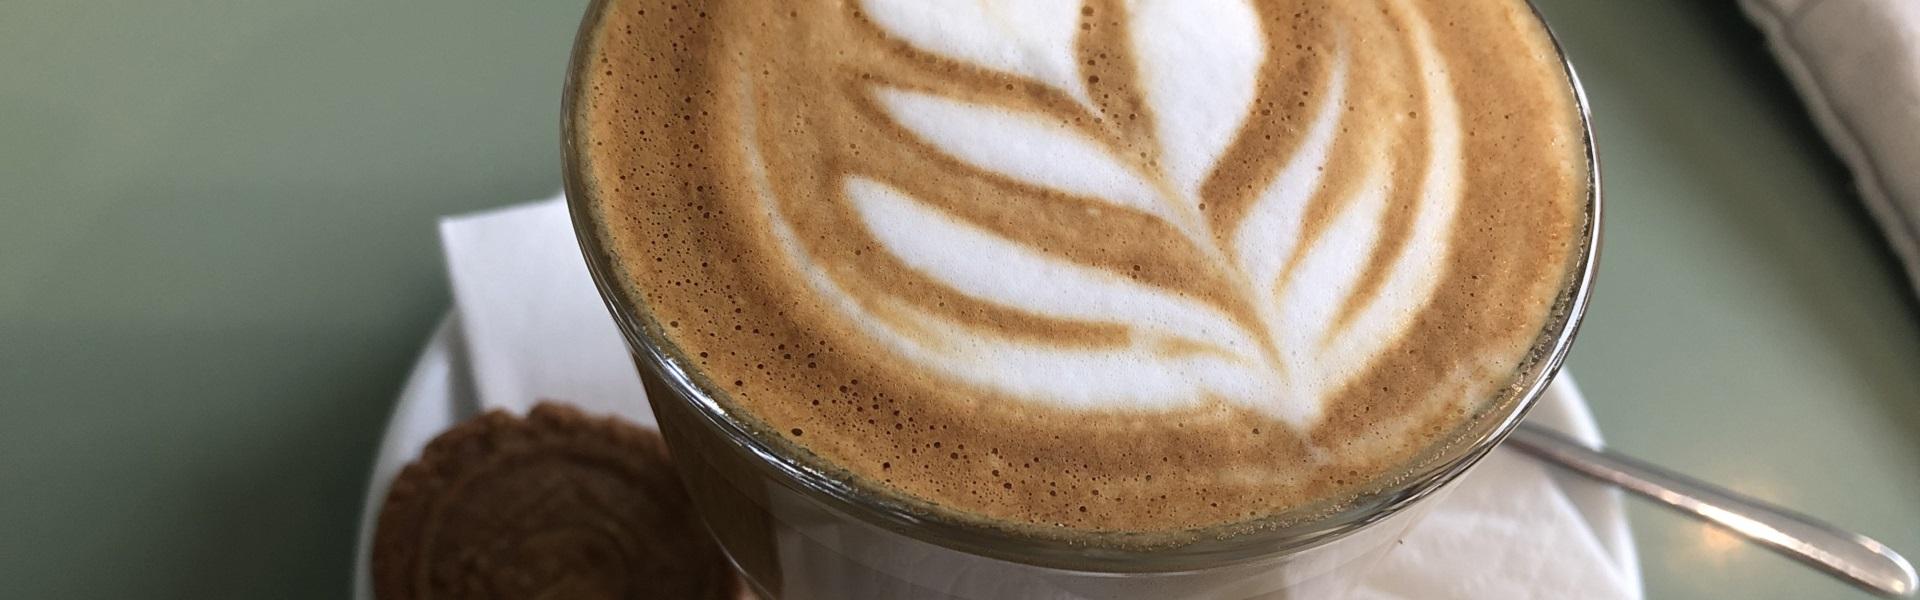 «Эпифана»: кофейня со свежими круассанами и странной пастой